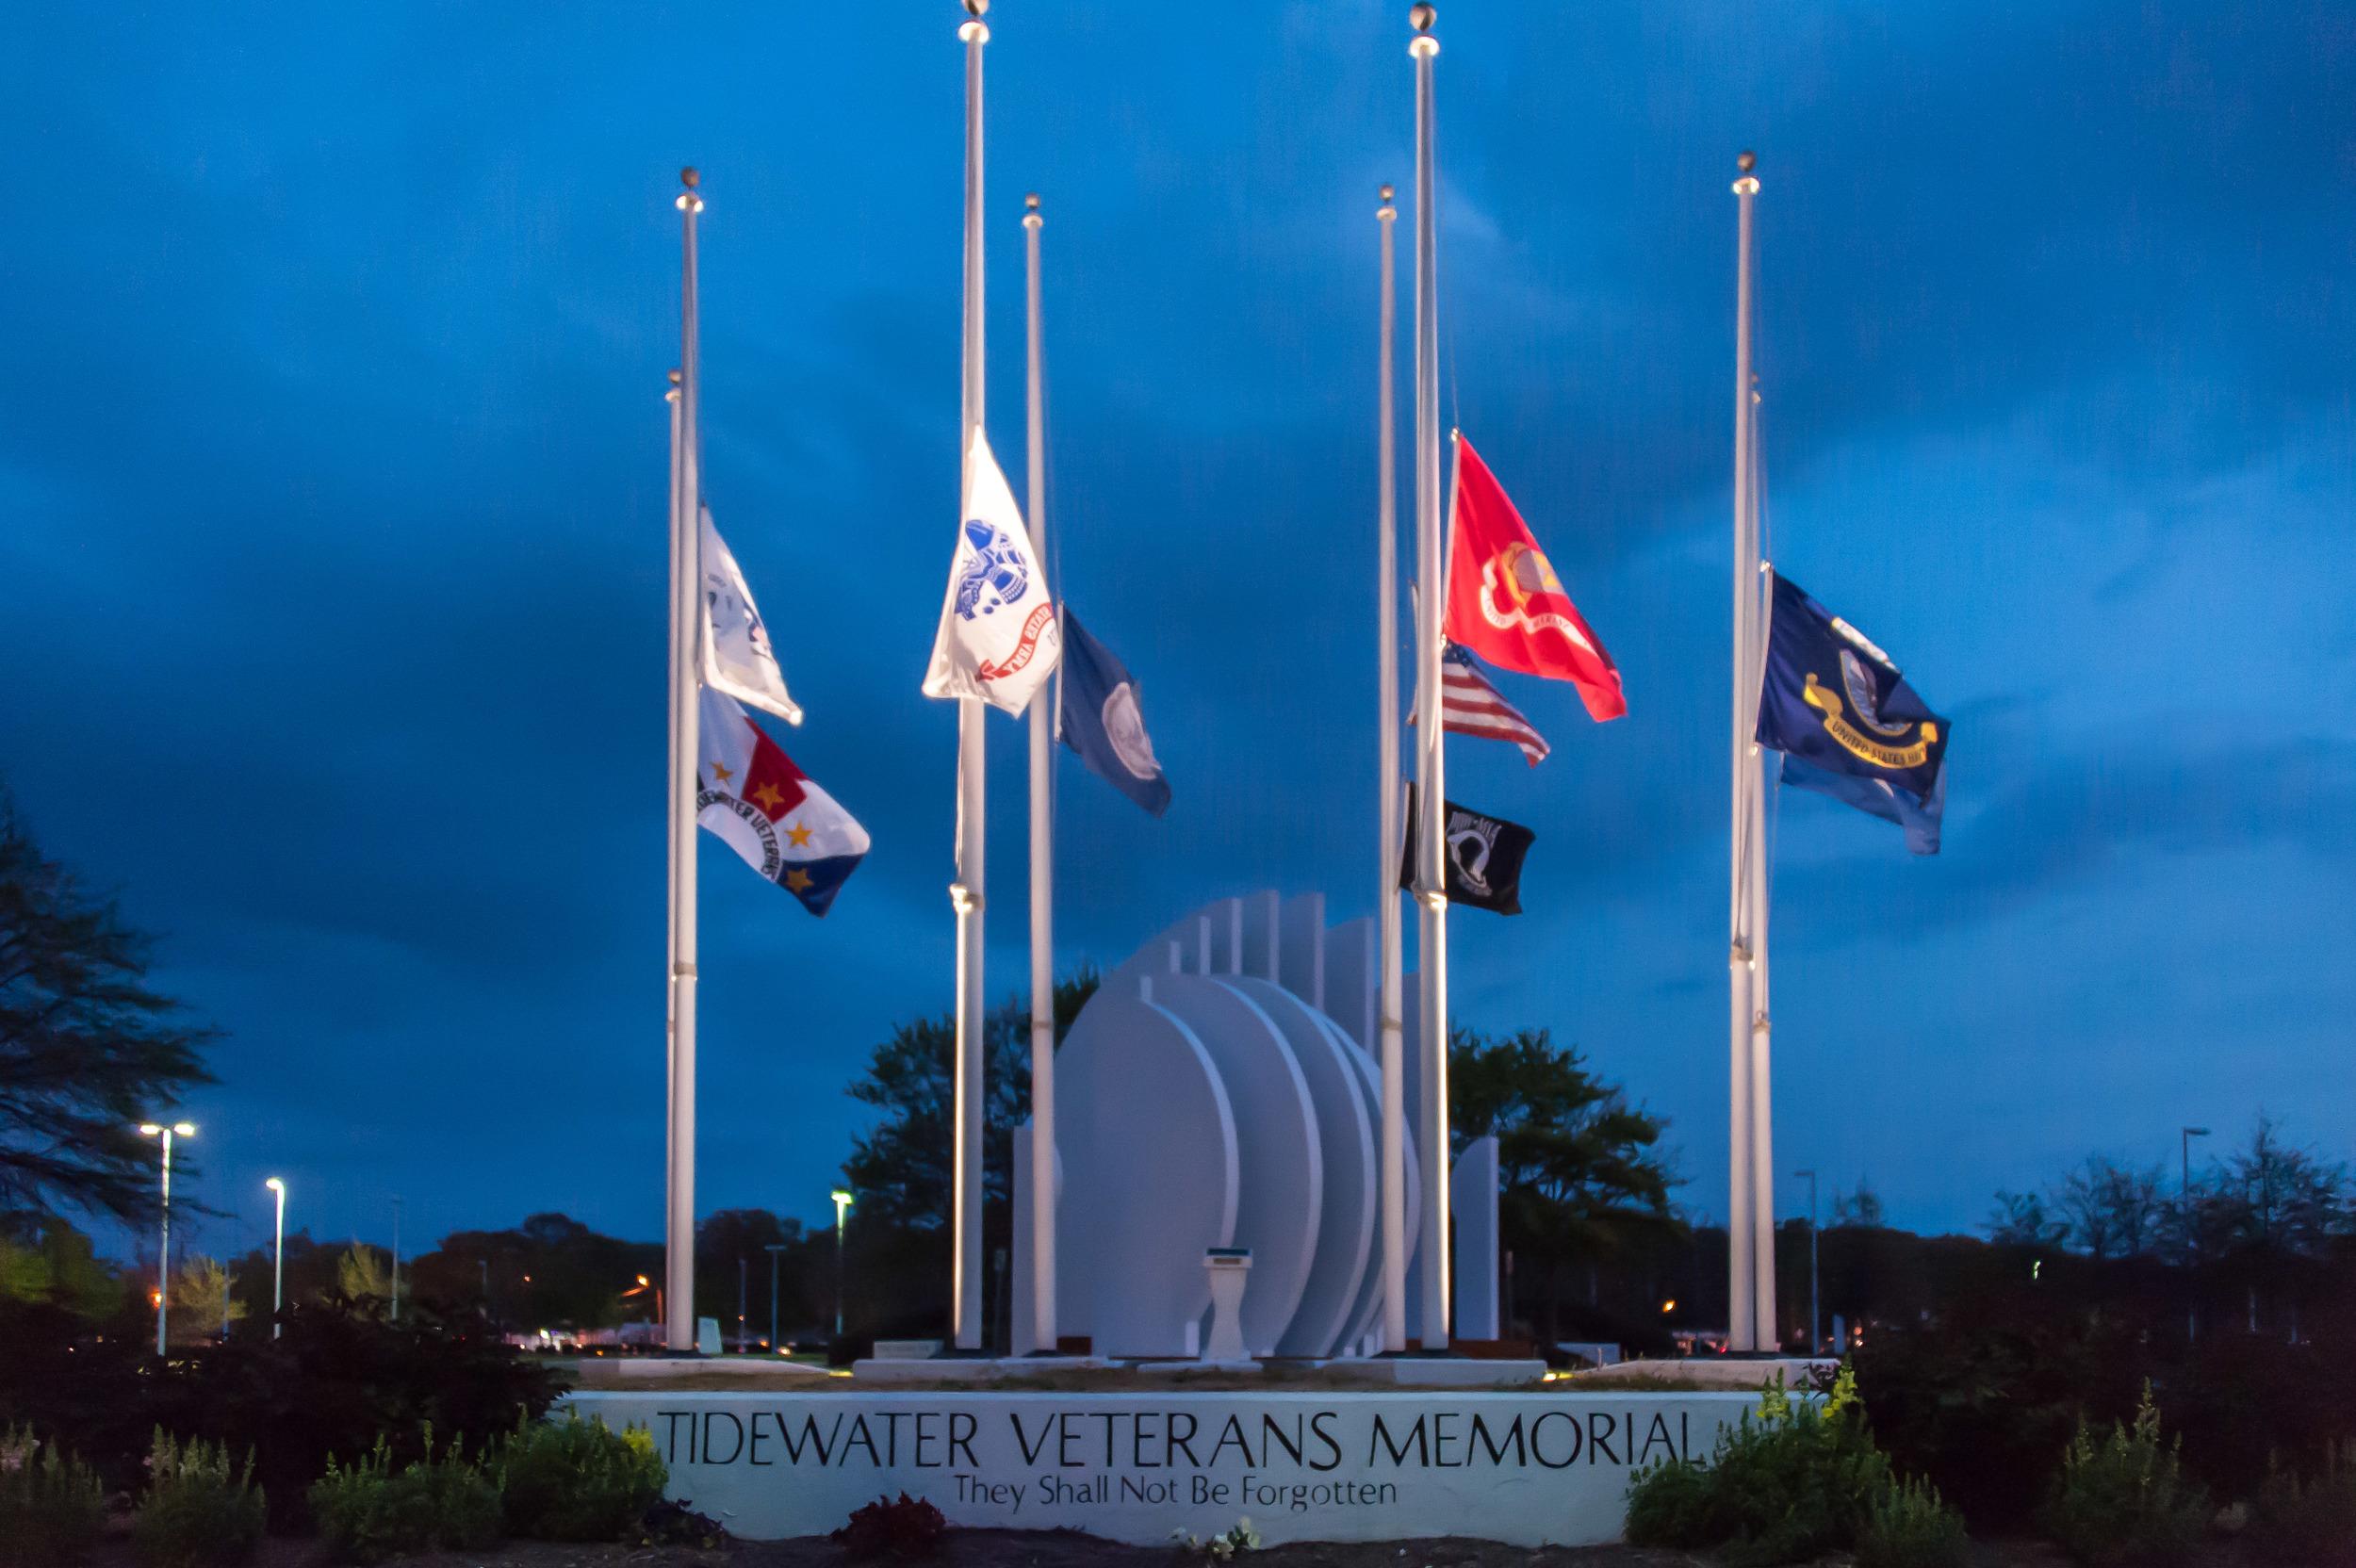 Tidewater Veterans Memorial